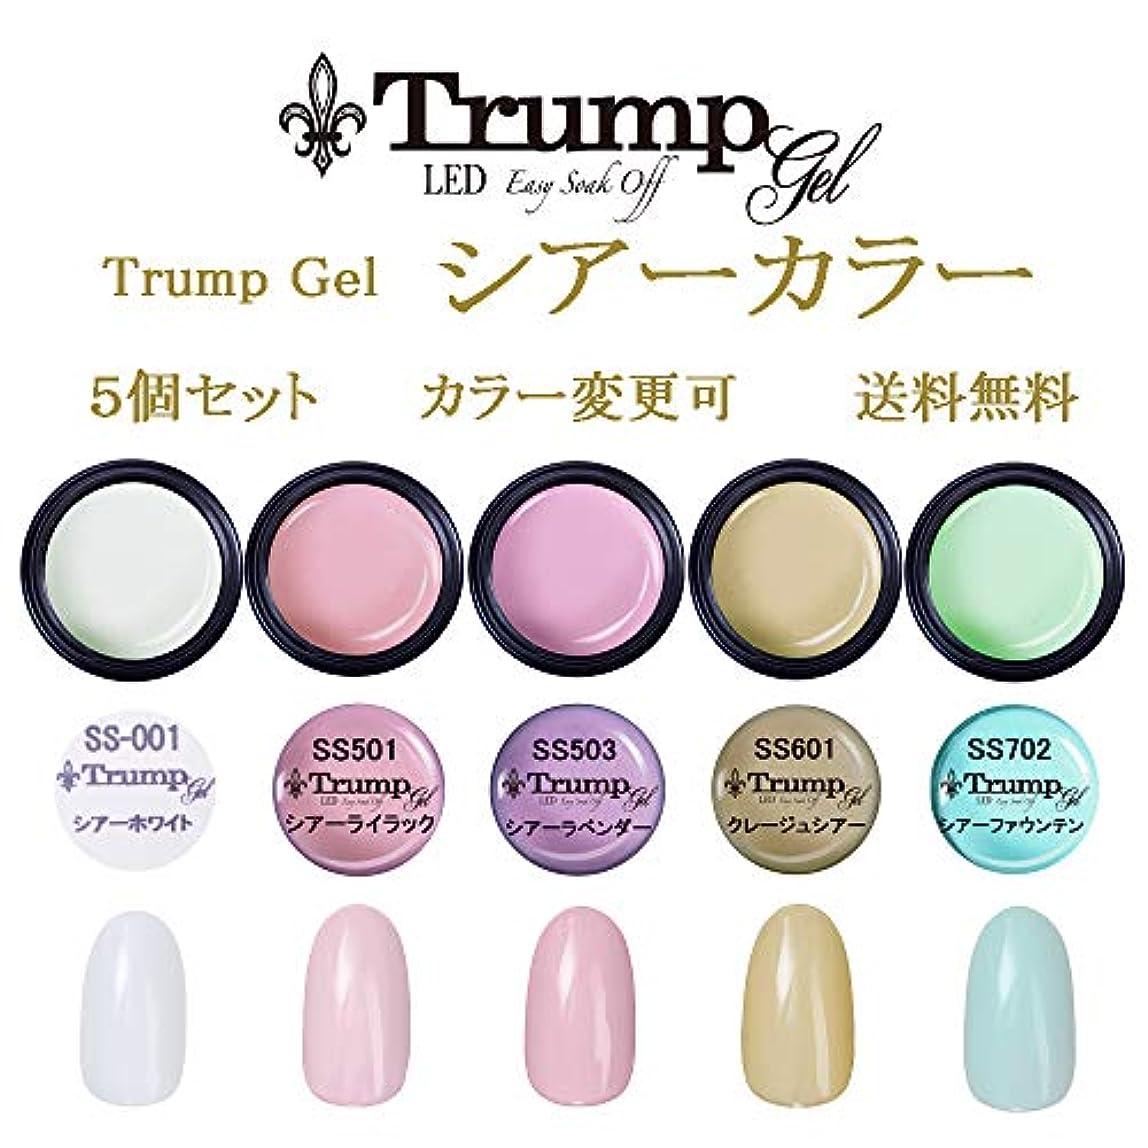 臨検パシフィック炭素日本製 Trump gel トランプジェル シアー カラージェル 選べる 5個セット ホワイト ピンク パープル イエロー ブルー